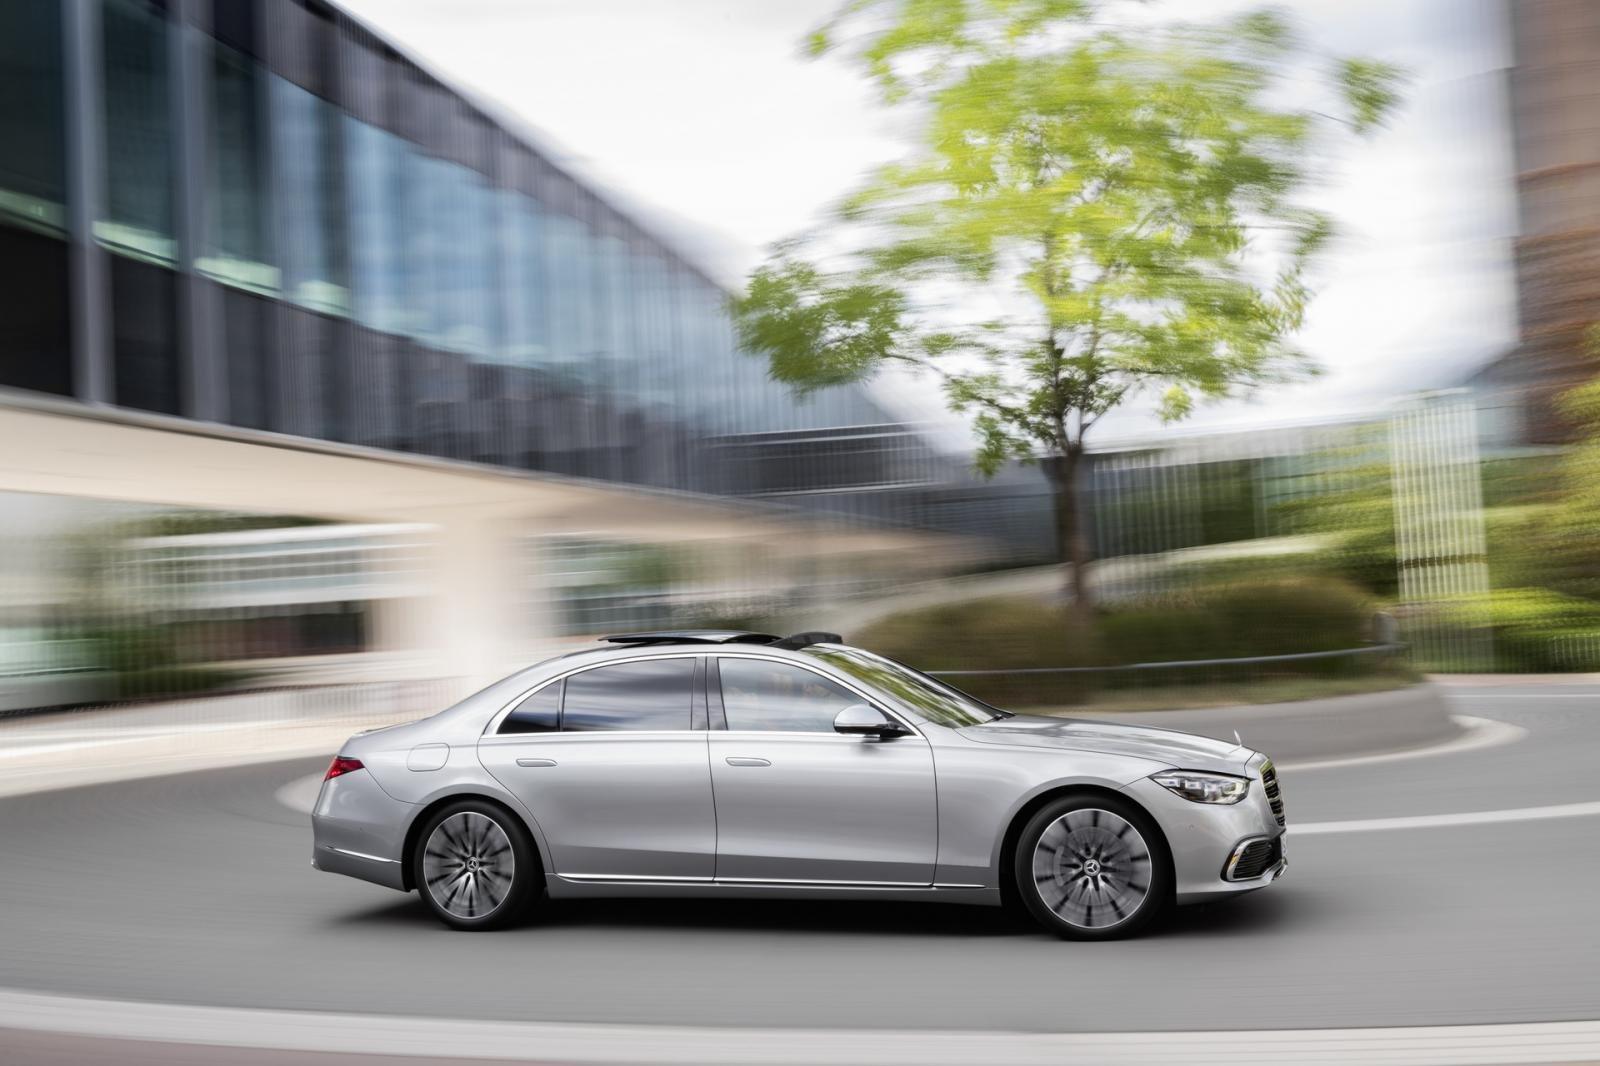 Mercedes S-Class 2021 mở rộng kích cỡ hứa hẹn mang đến trải nghiệm tuyệt đỉnh.